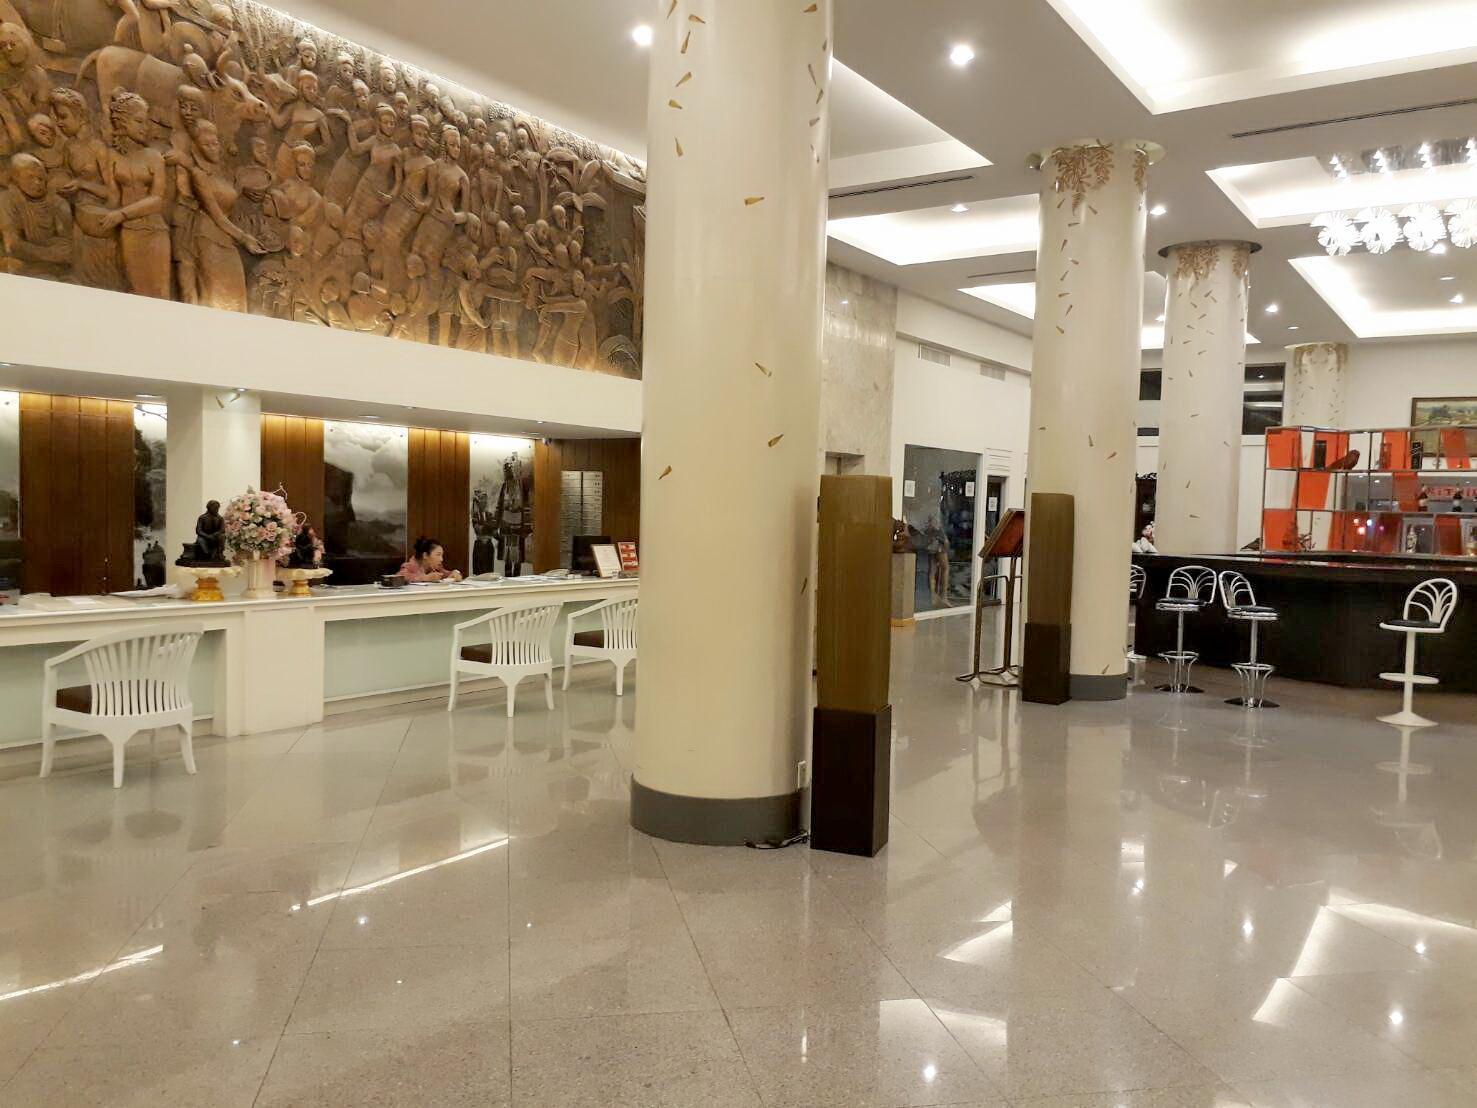 Wangcome Hotel โรงแรมวังคำ